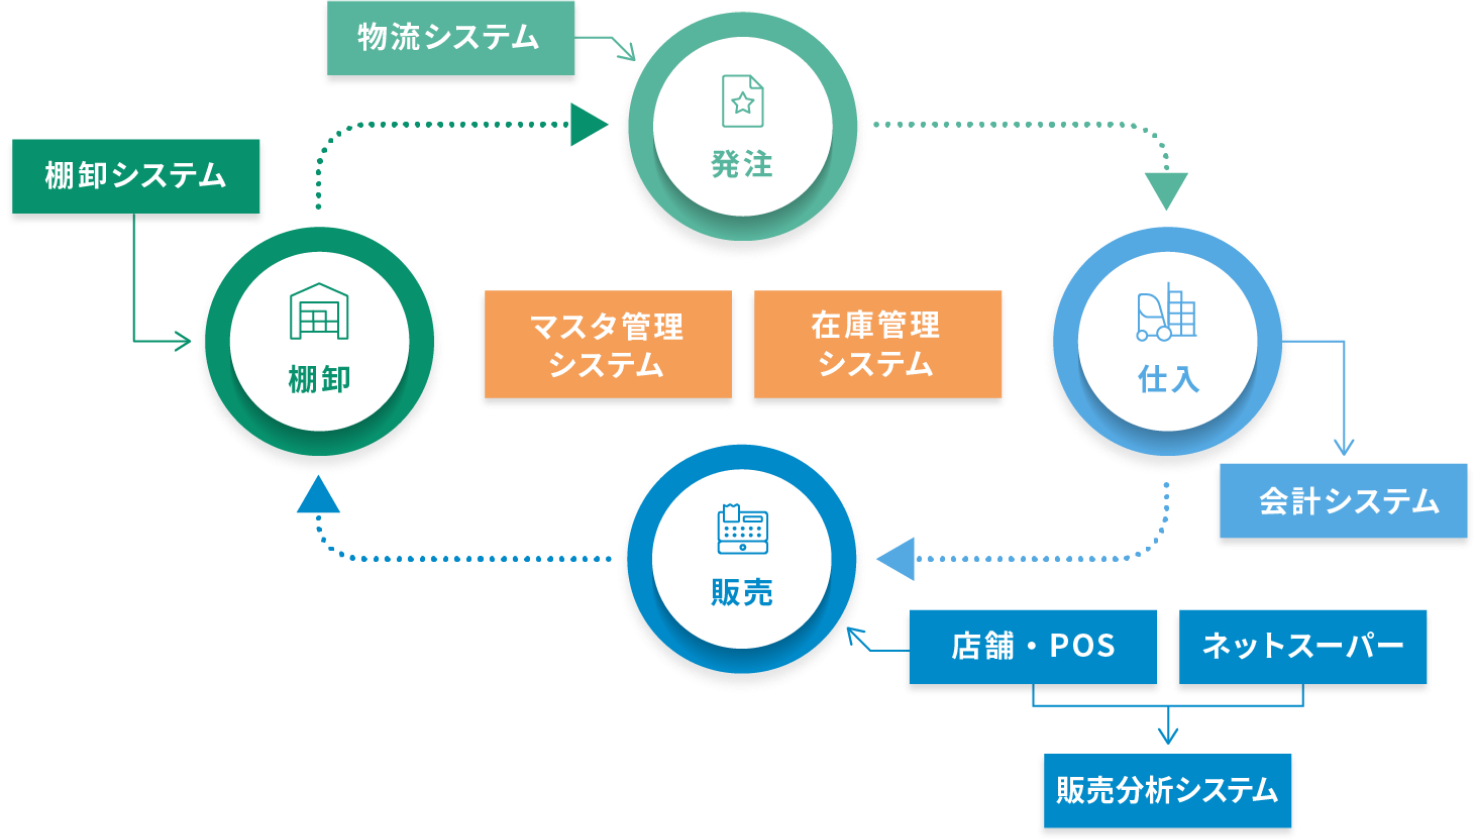 システム概念図